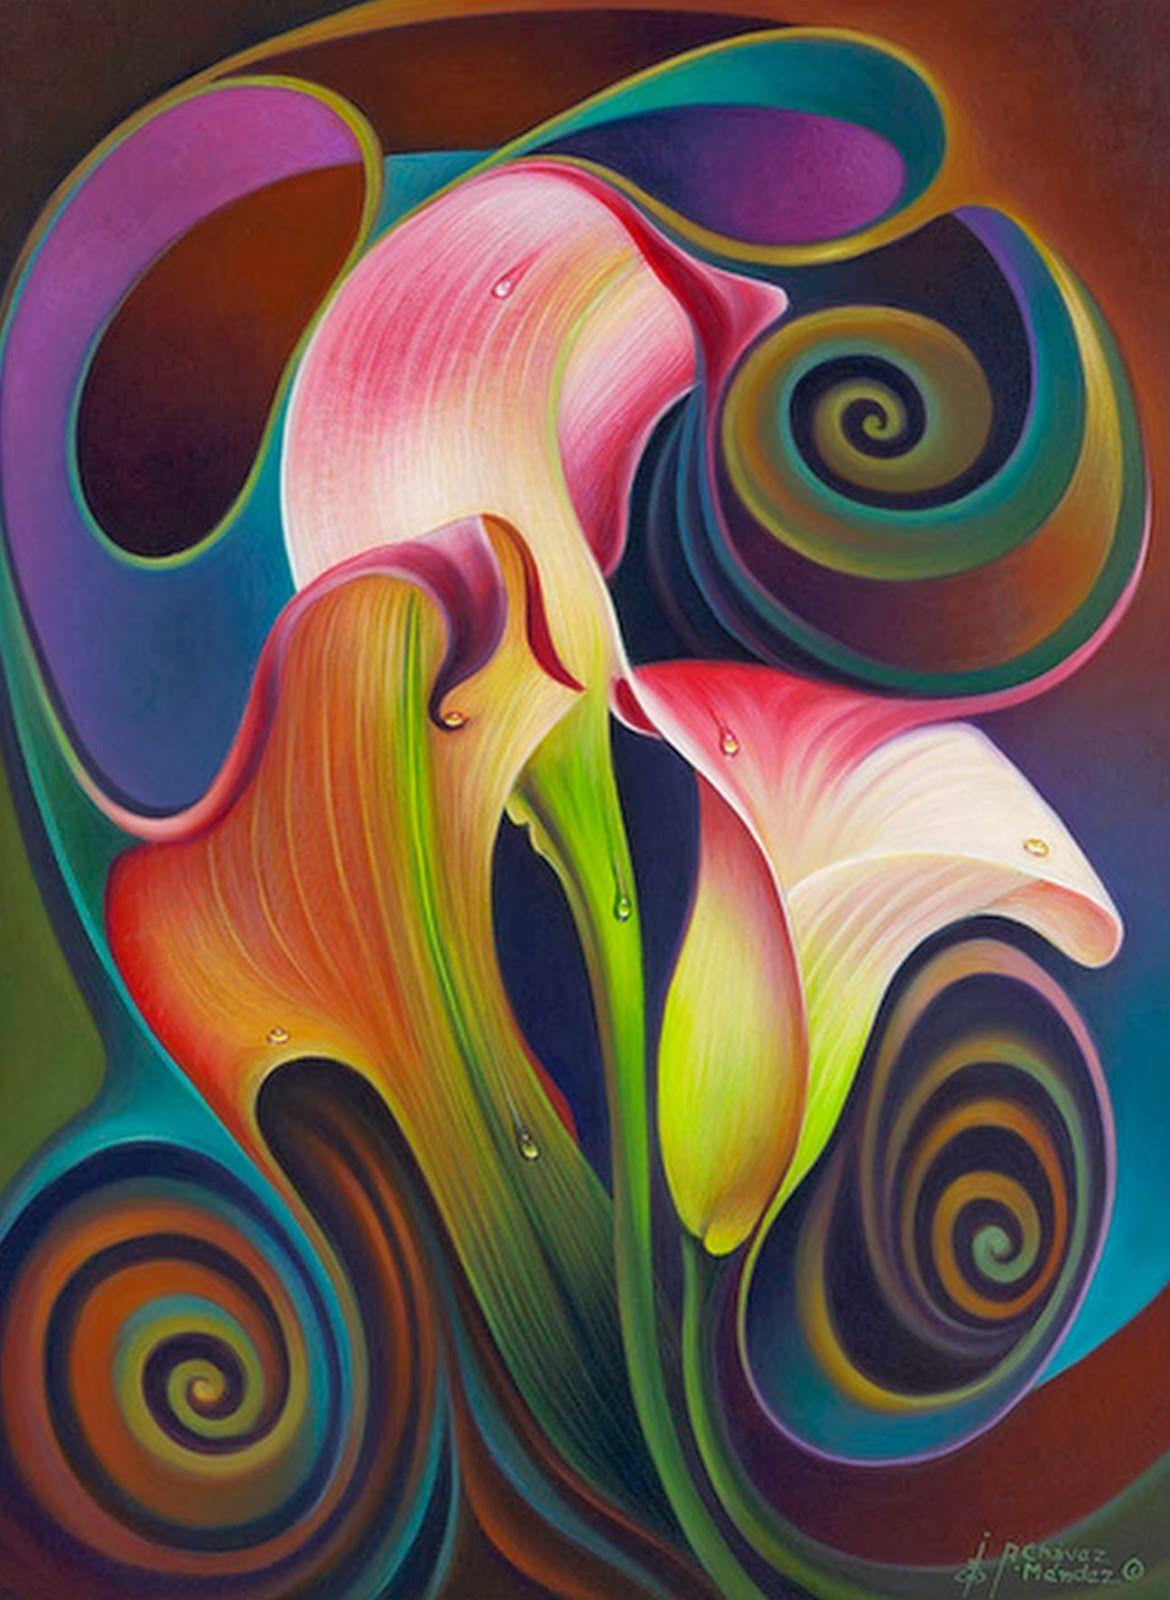 Pinturas oleo abstractos modernos cuadros pinterest for Imagenes cuadros abstractos modernos